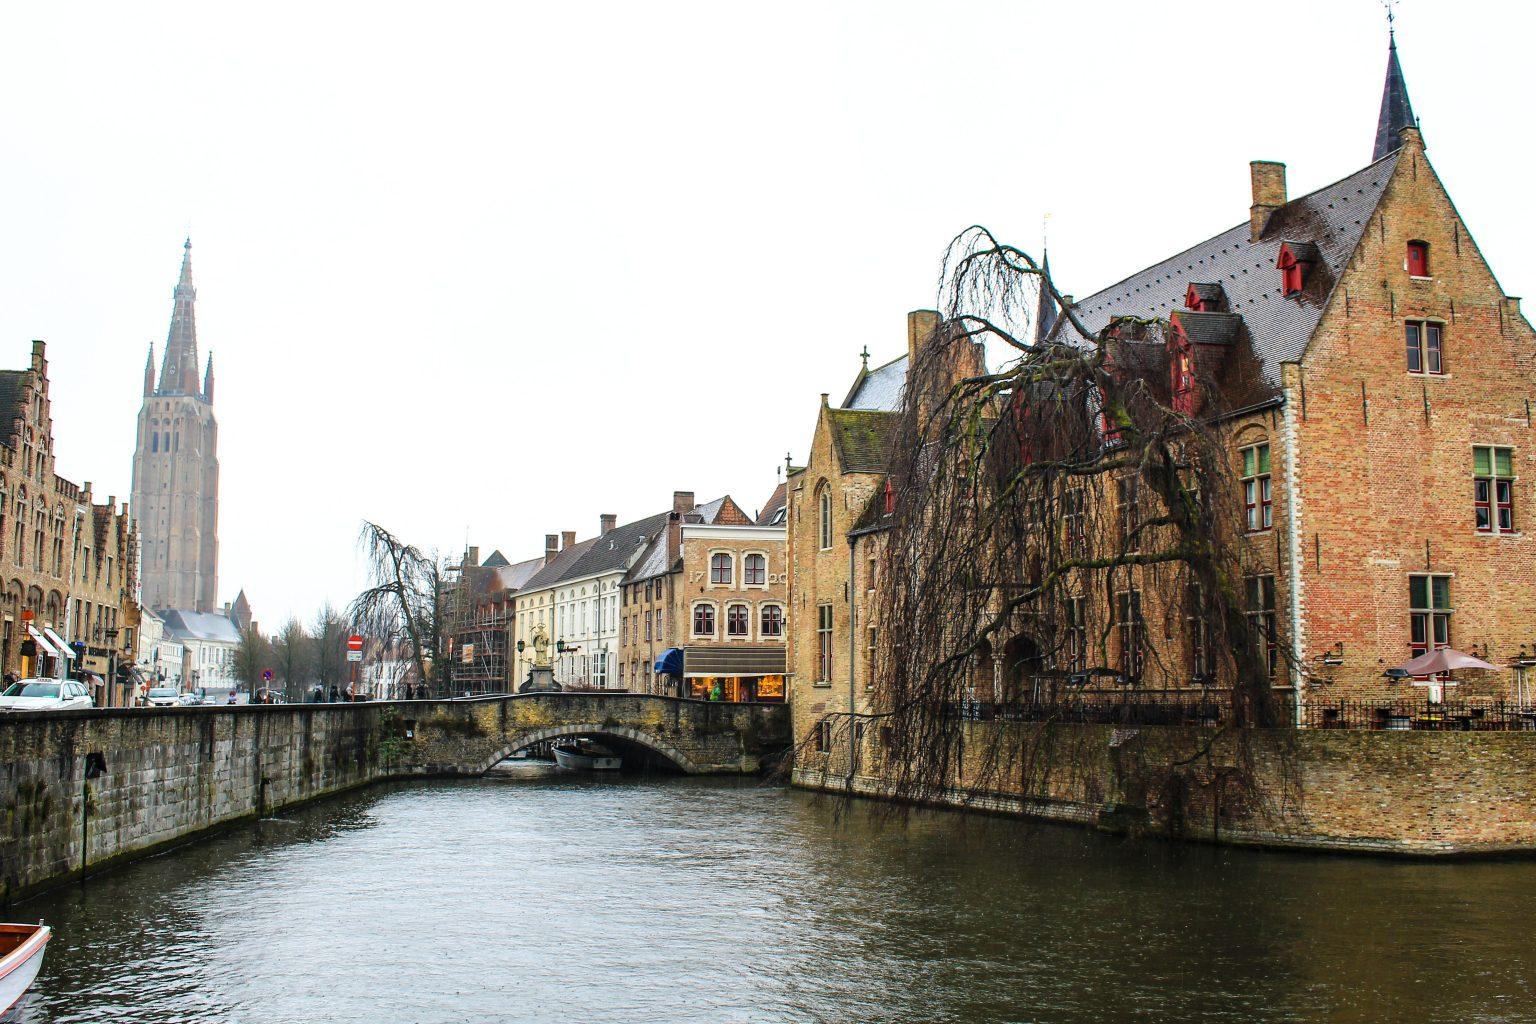 Bruges Belgium rozenhoedkaai, bruges walking tour, brugge city tour